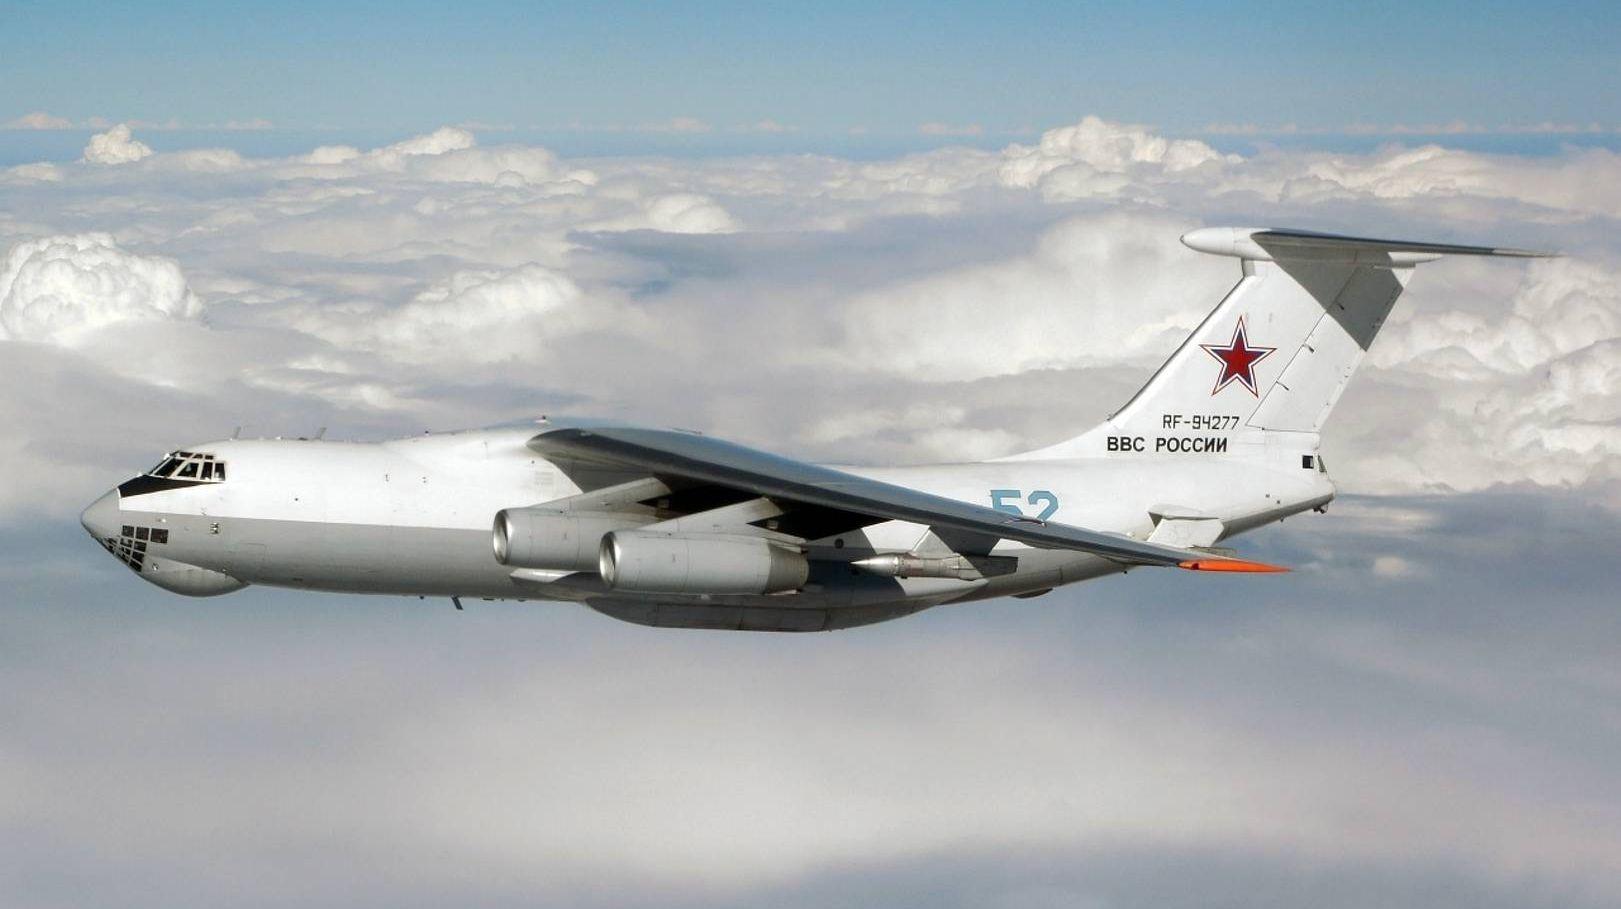 Самый новый самолет-топливозаправщик, сделанный вУльяновске, совершил 1-ый полет